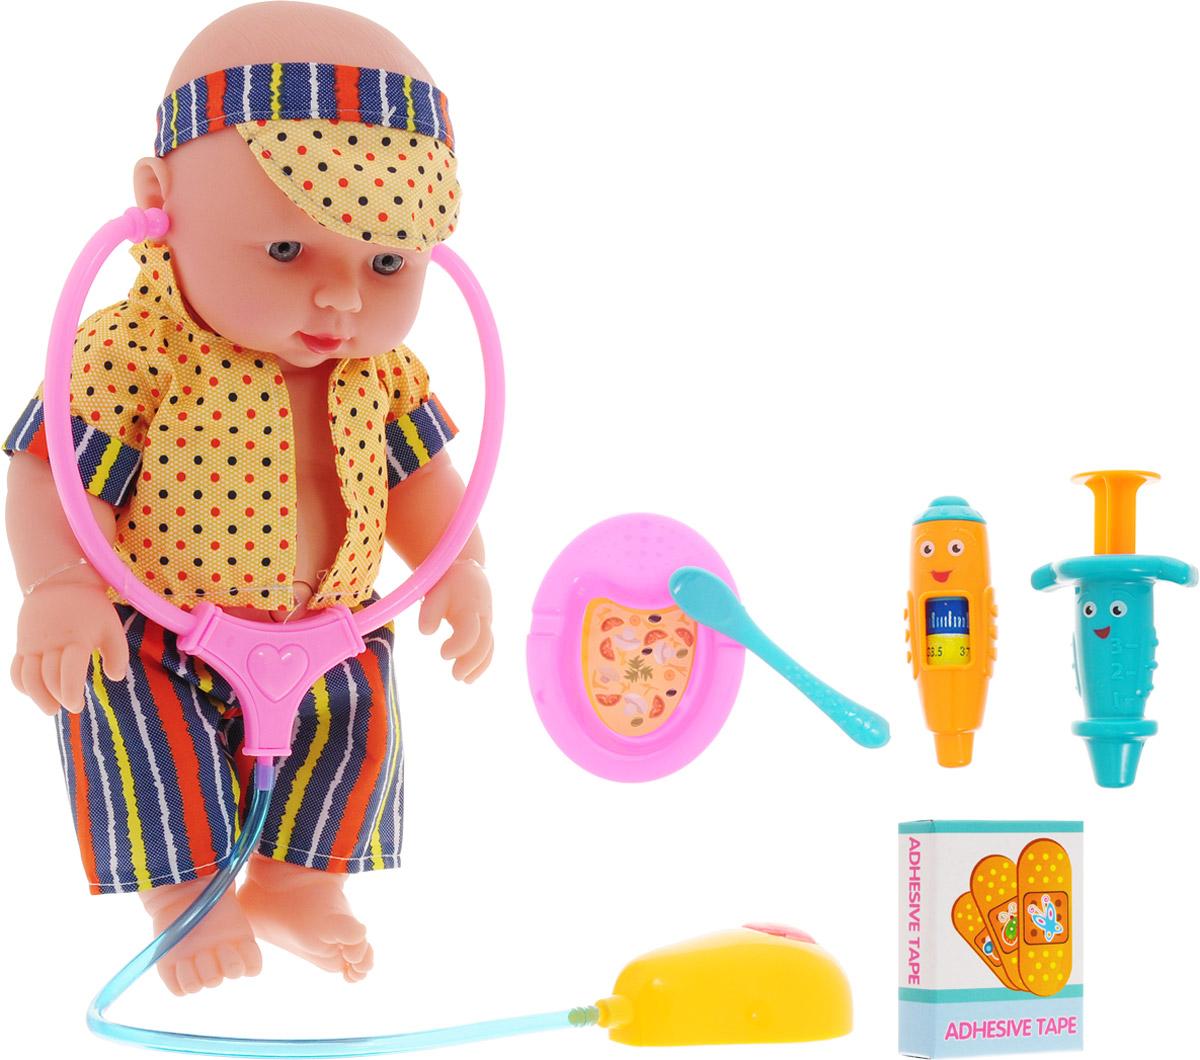 Город игр Пупс озвученный Baby MayMay Доктор цвет одежды желтый синий кукла город игр baby maymay gi 6423